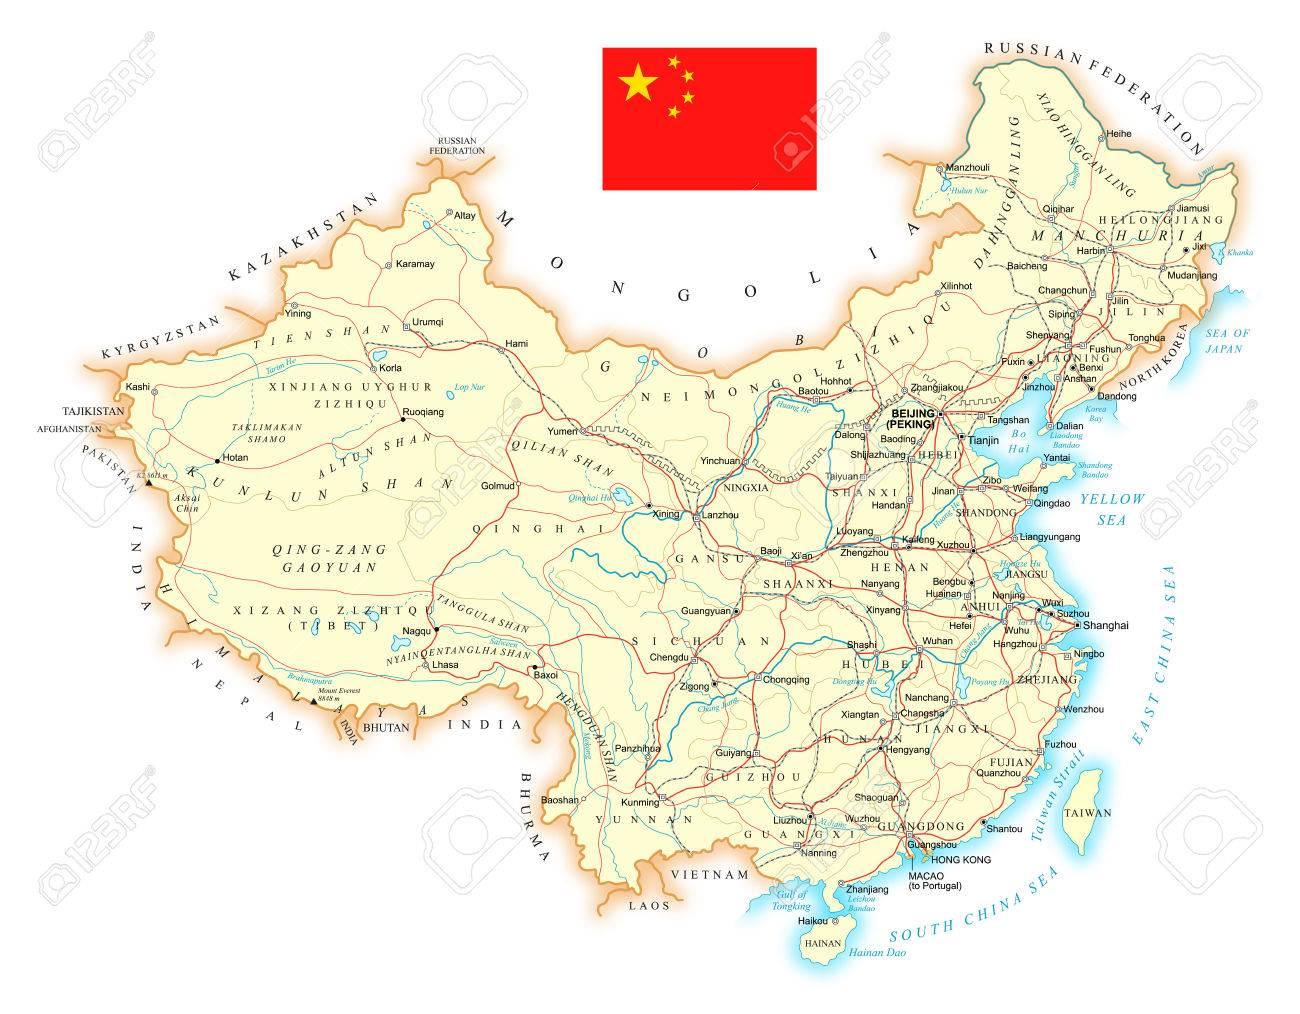 china geographische karte China   Große Detaillierte Straße Topographische Karte   Vektor